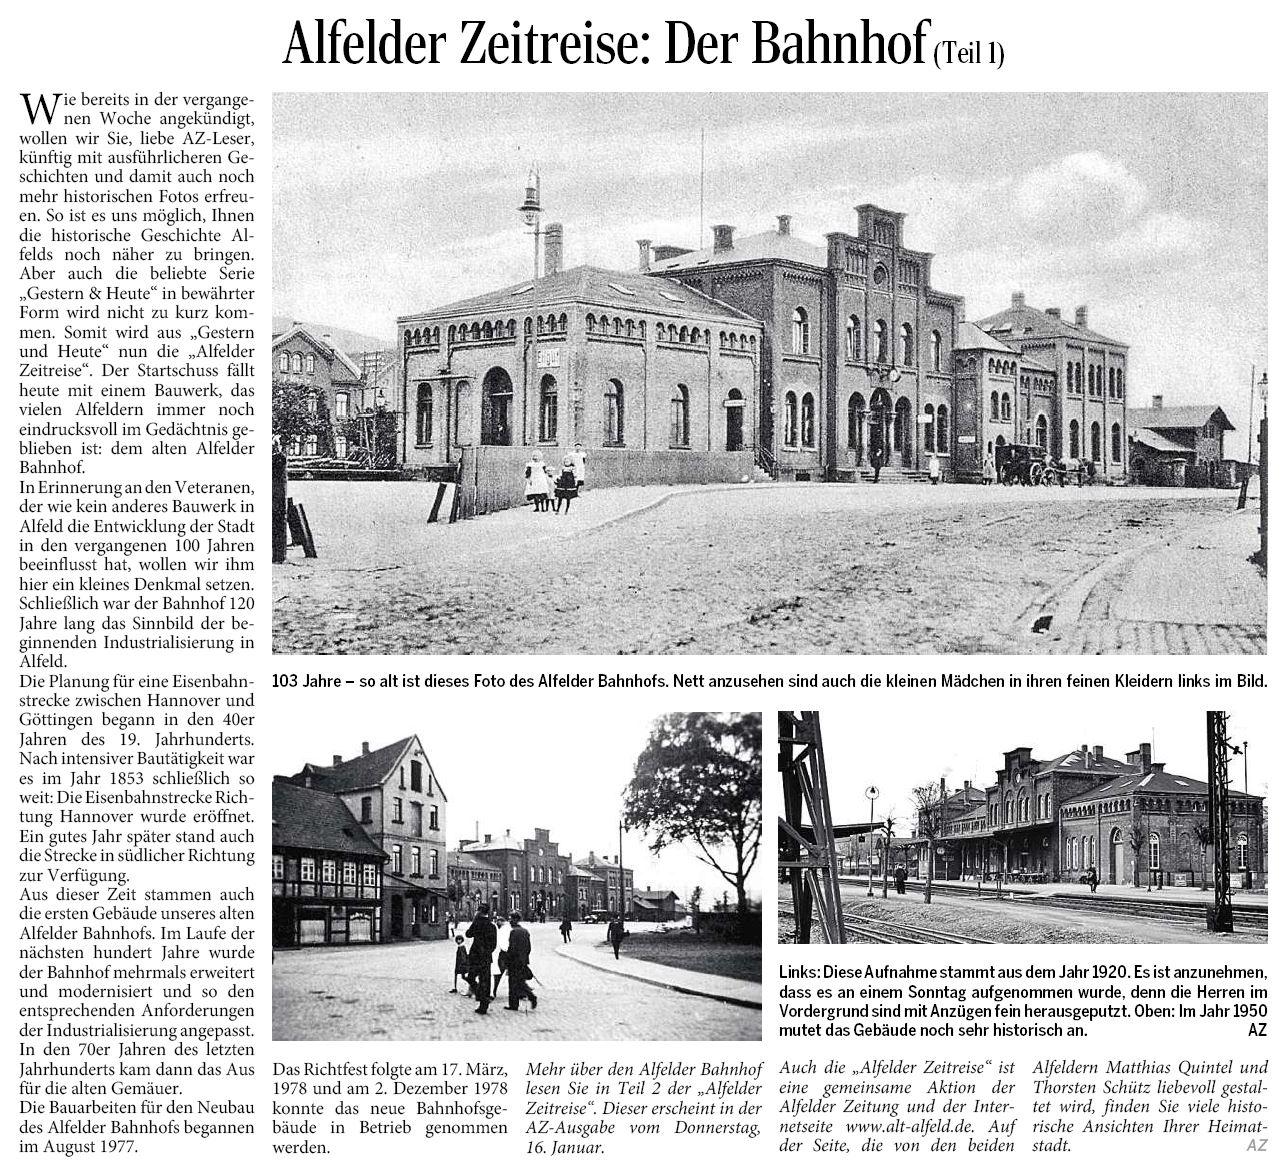 AZ vom 09.01.2014-Alfelder Zeitreise-Der Bahnhof Teil 1